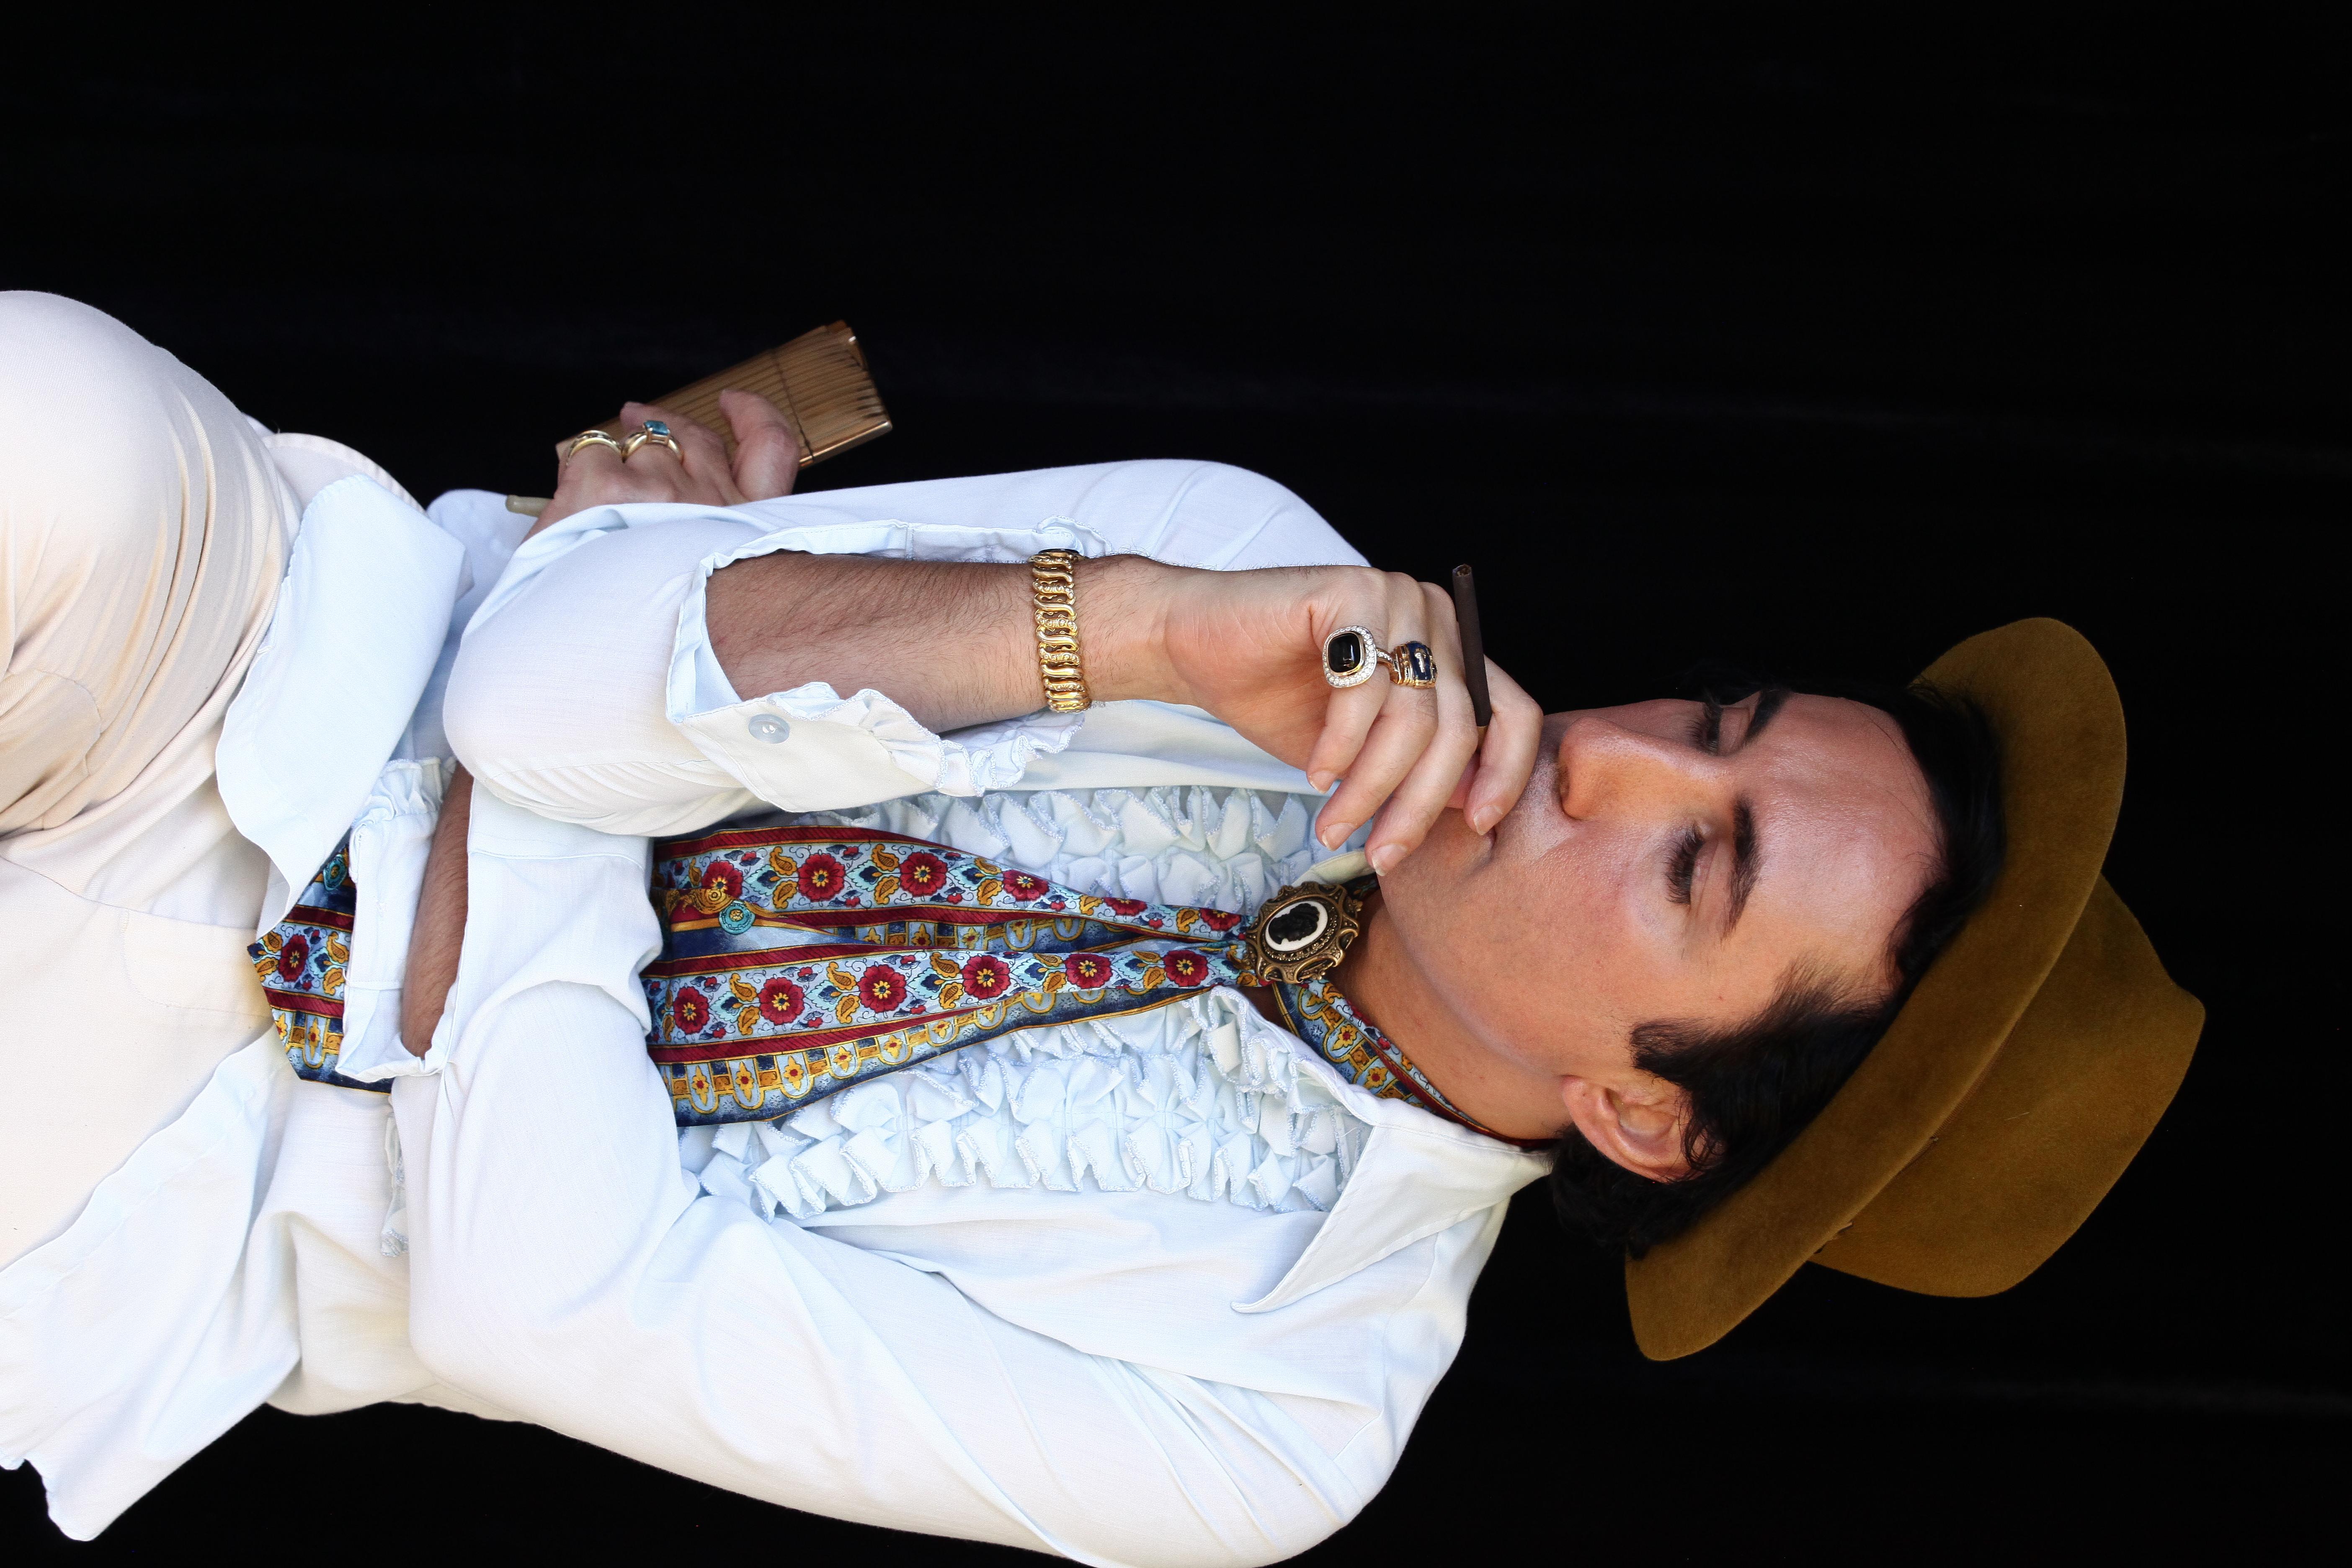 Pete Molinary